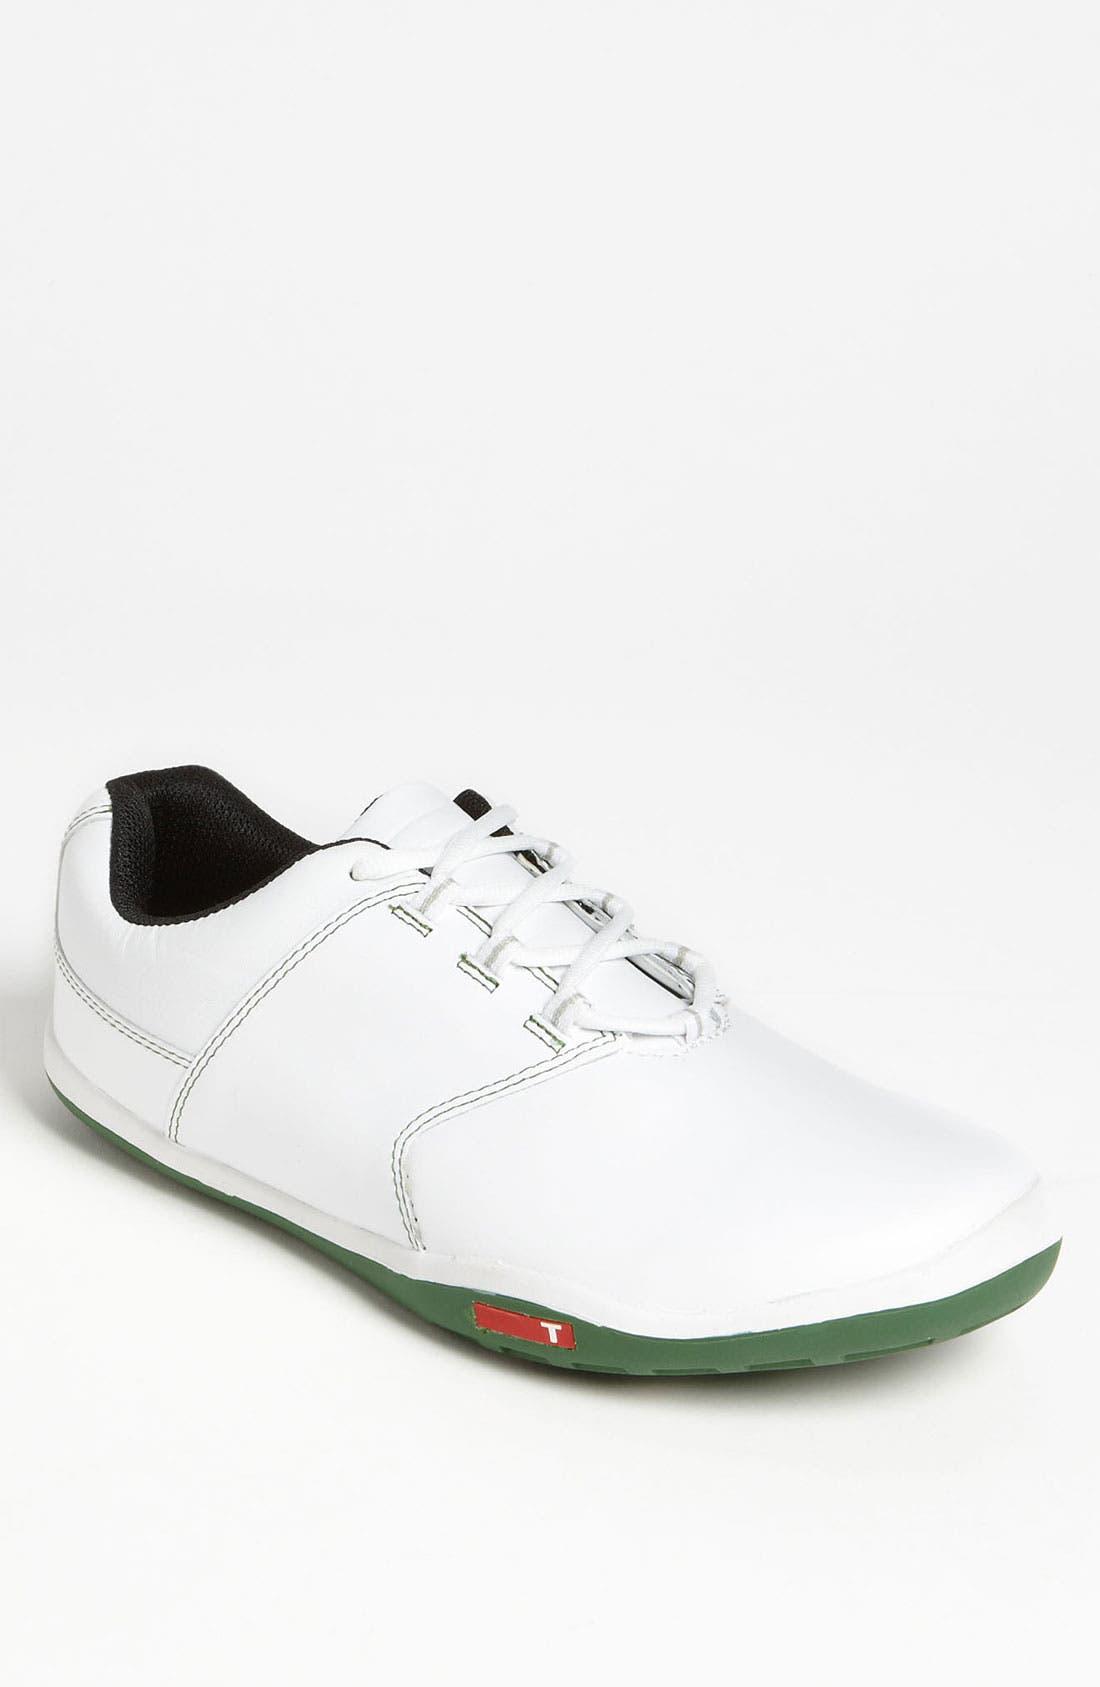 Main Image - TRUE linkswear 'True Tour' Golf Shoe (Men)